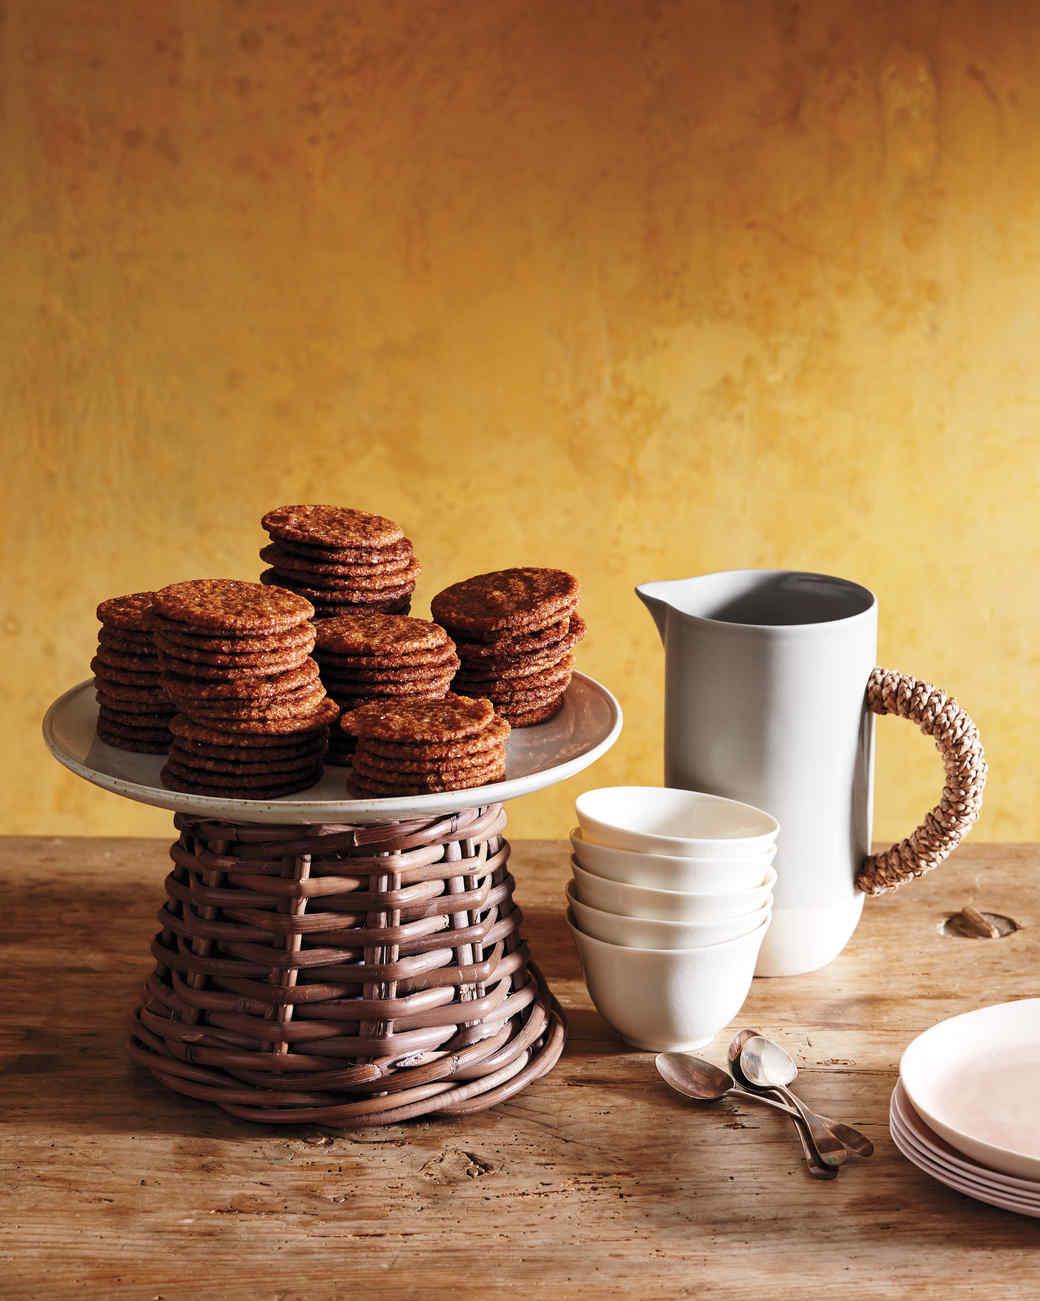 tablesetting-cake-plate-045-d112277.jpg